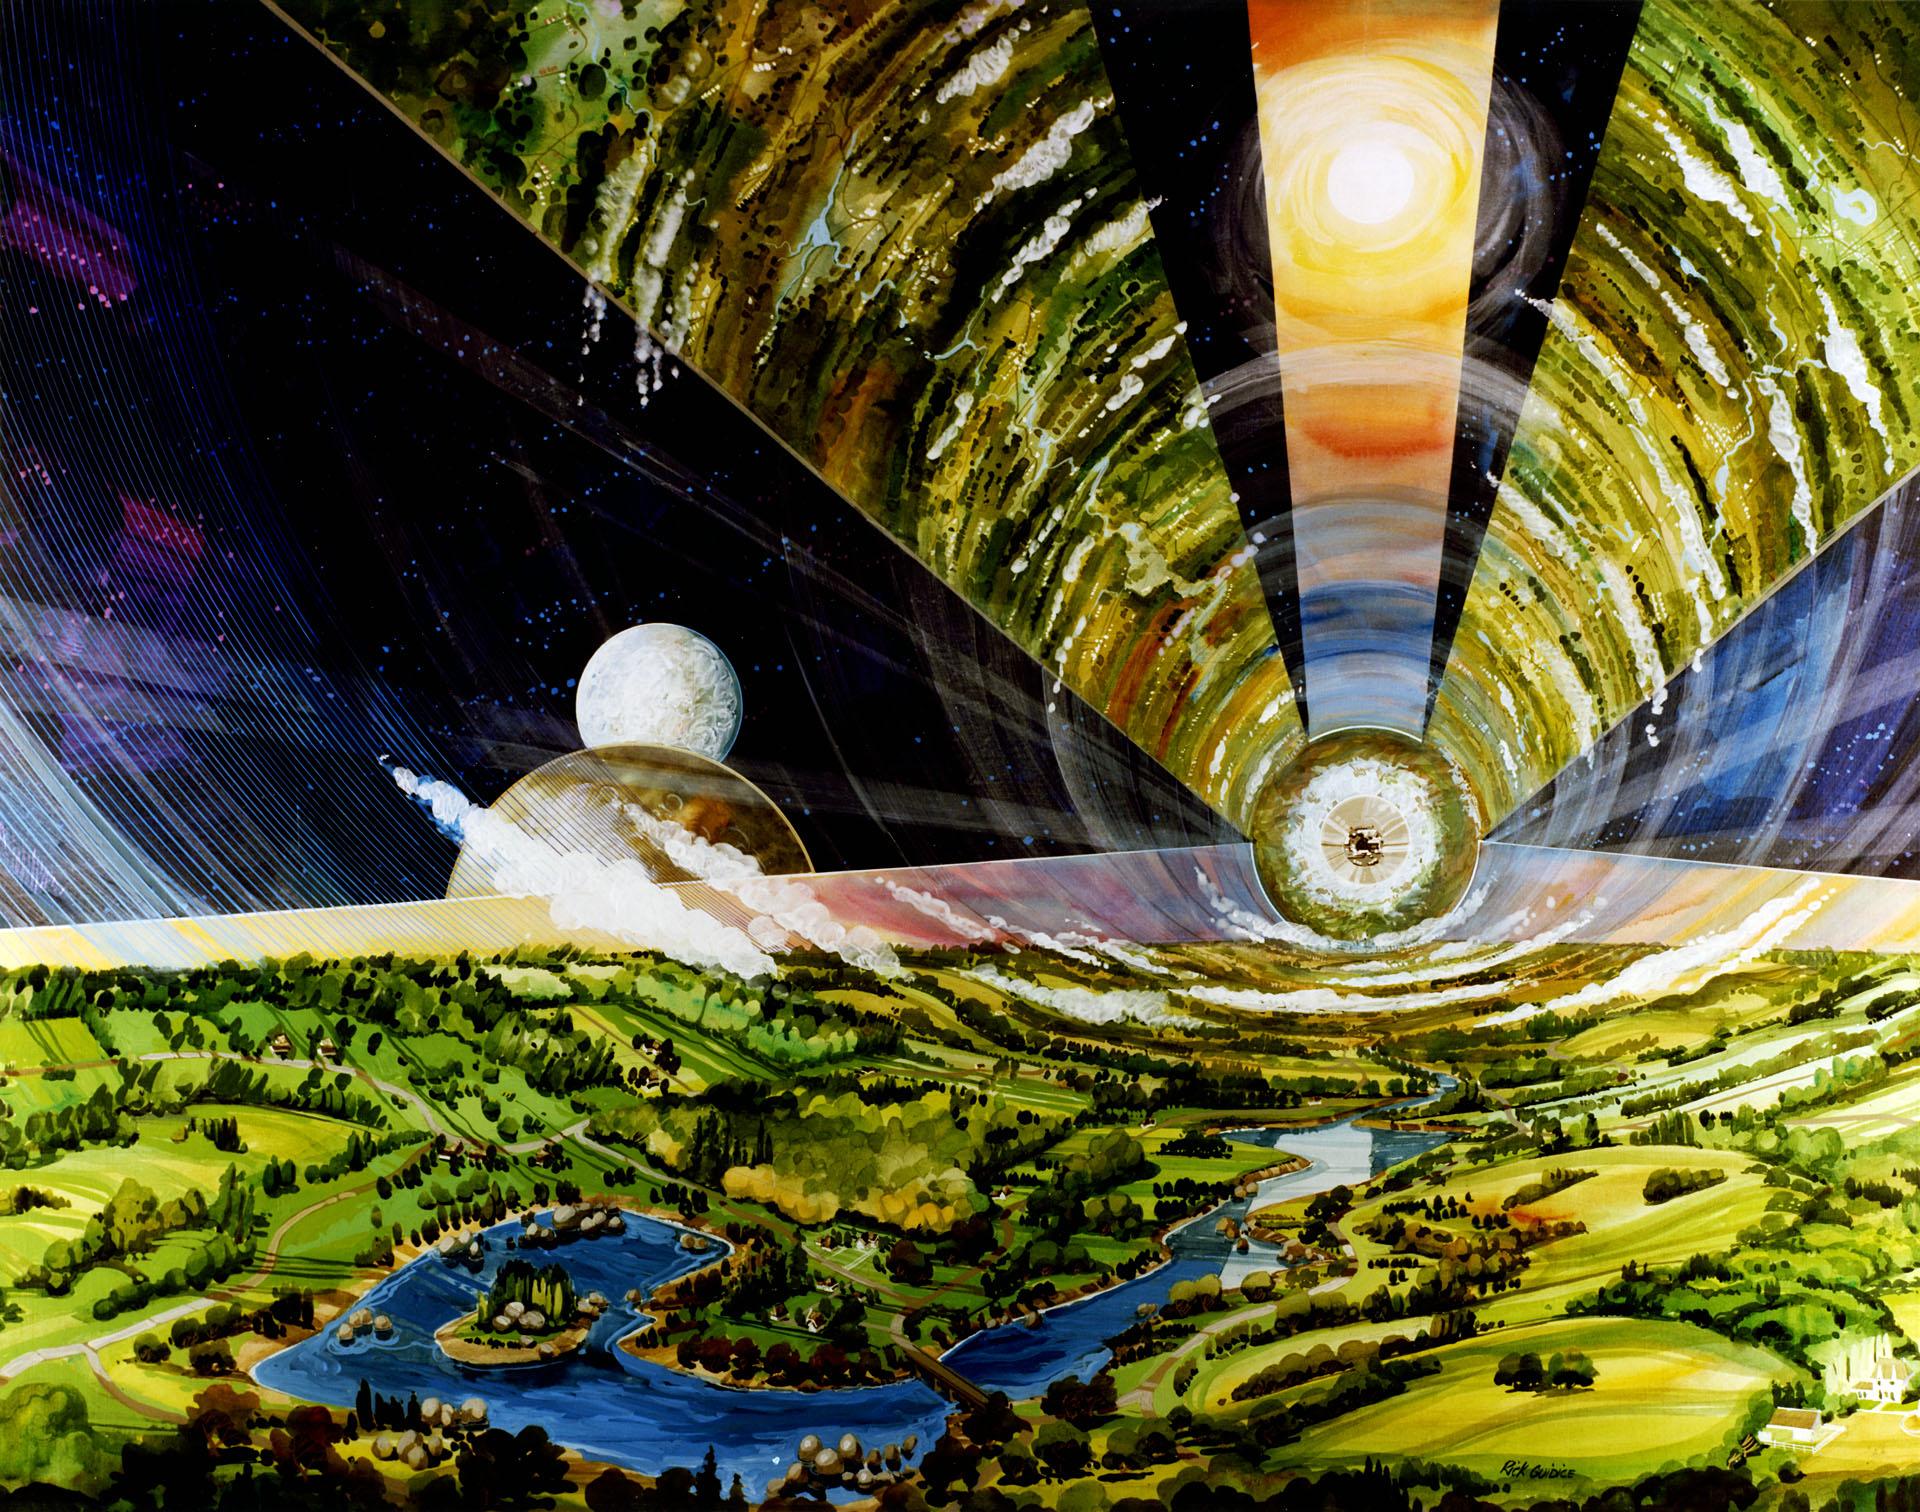 Cette illustration de la NASA montre à quoi pourrait ressembler l'intérieur d'un cylindre O'Neill.  Chaque habitat aurait une atmosphère artificielle, une gravité semblable à la Terre et un mélange d'espaces urbains et agricoles.